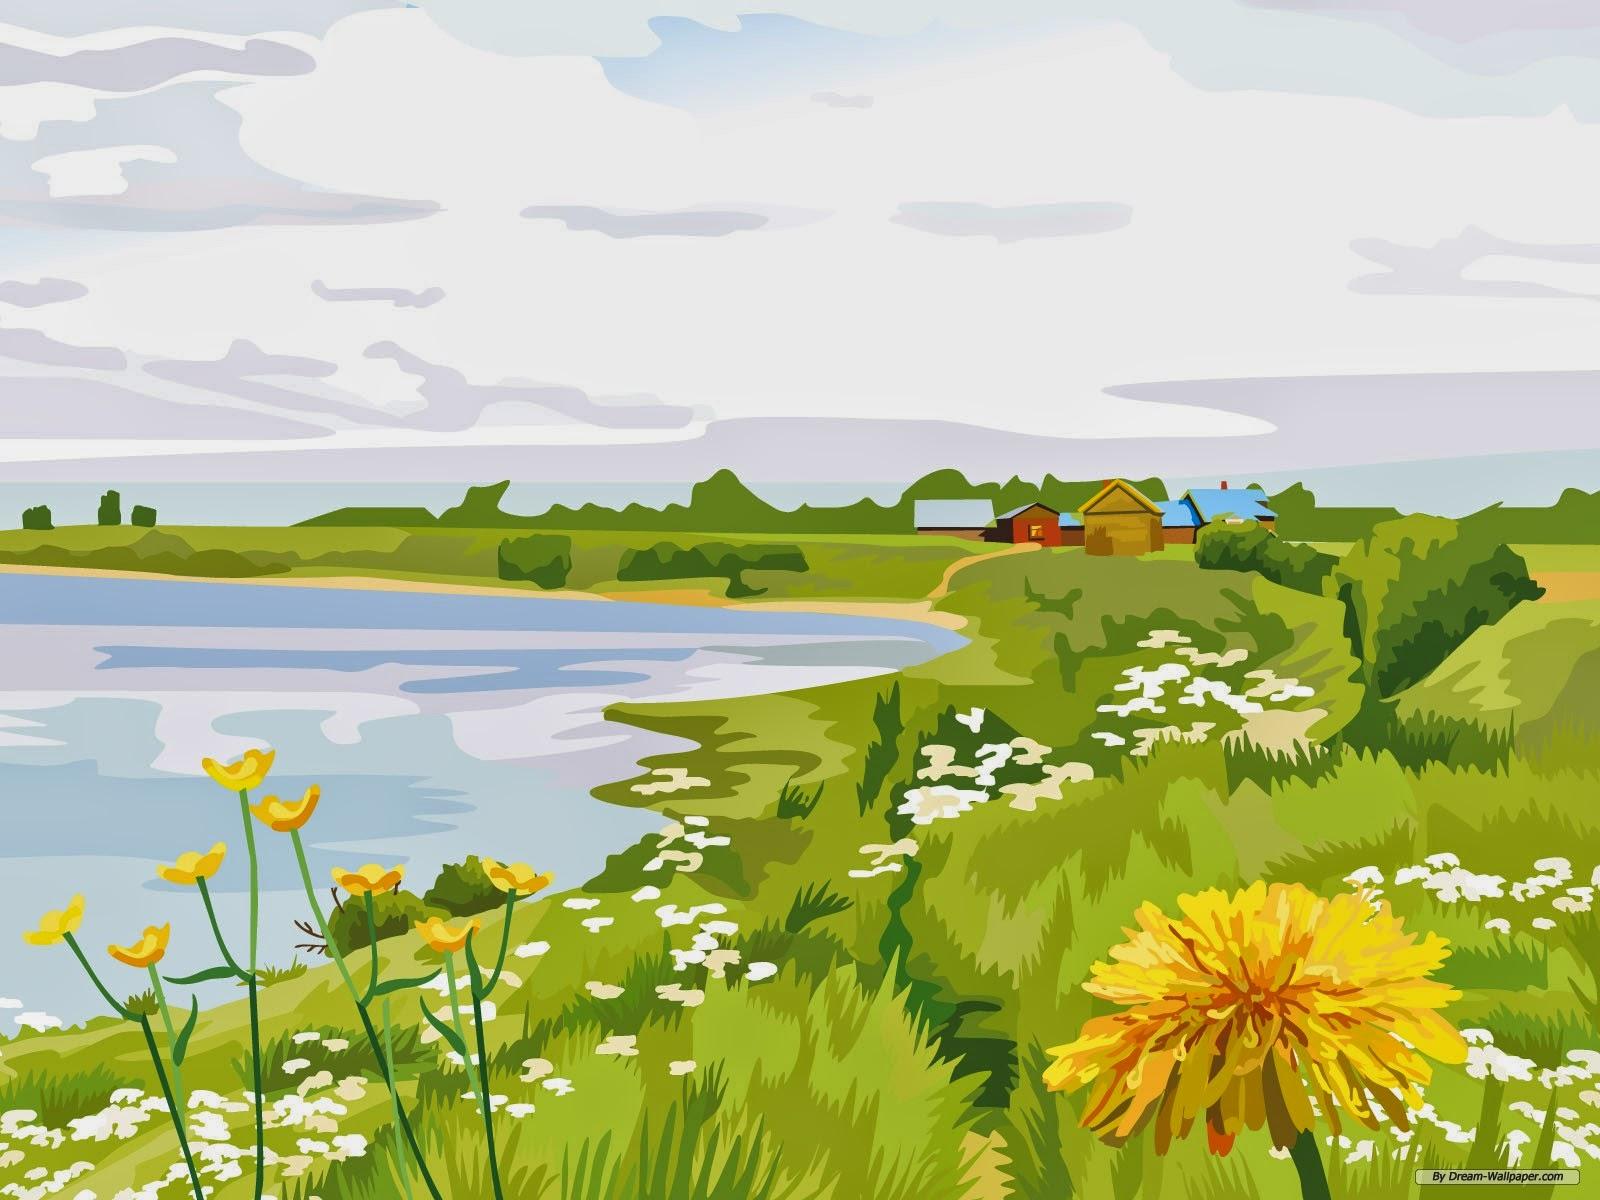 Sastra Kumpulan Puisi Lingkungan Hidup Dan Kebersihan Deva Untuk